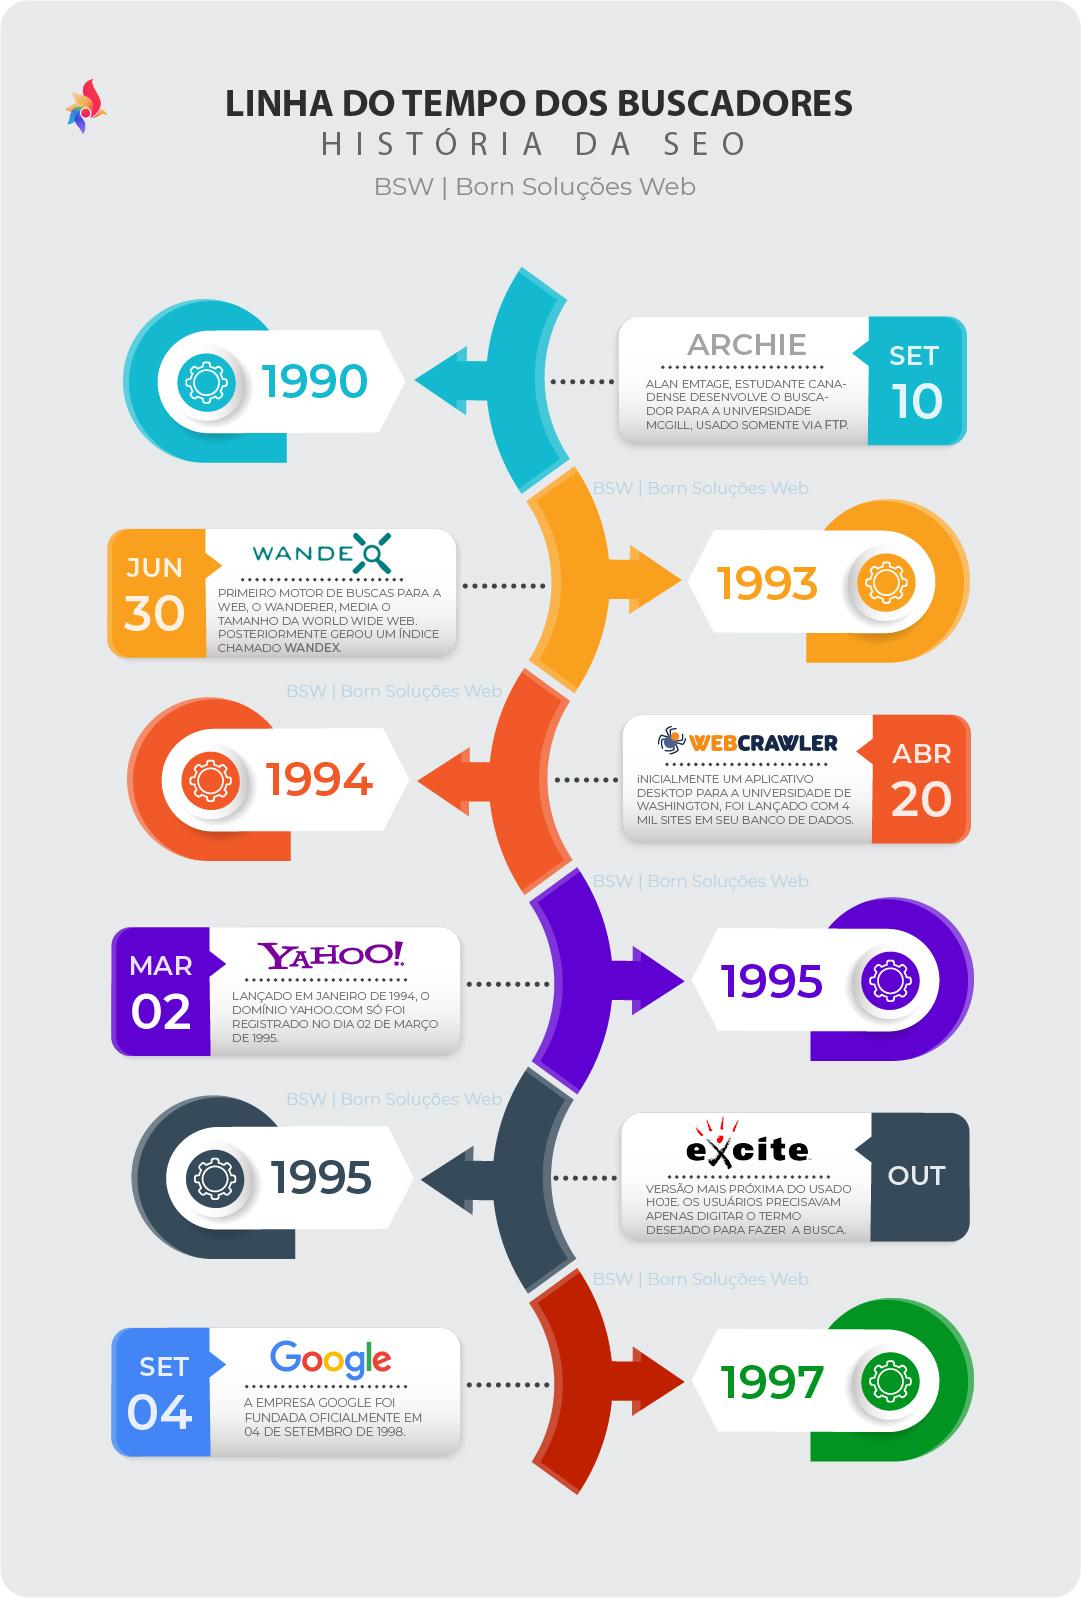 Linha do tempo dos primeiros buscadores da web - 1990 a 1997